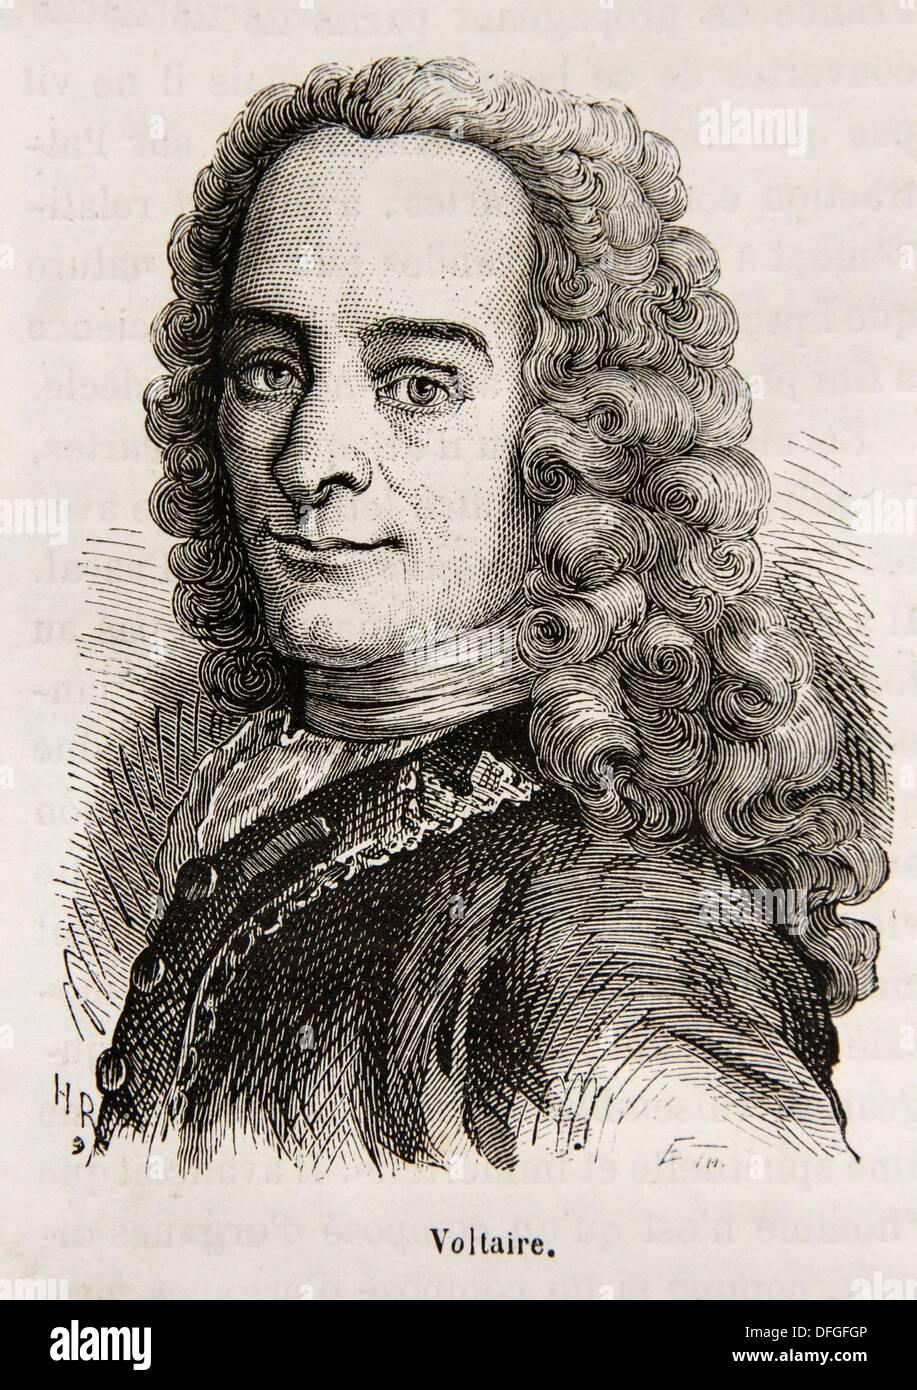 François-Marie Arouet 21. November 1694-30 Mai 1778, besser bekannt unter dem Künstlernamen VOLTAIRE, war ein Schriftsteller der französischen Aufklärung Stockfoto